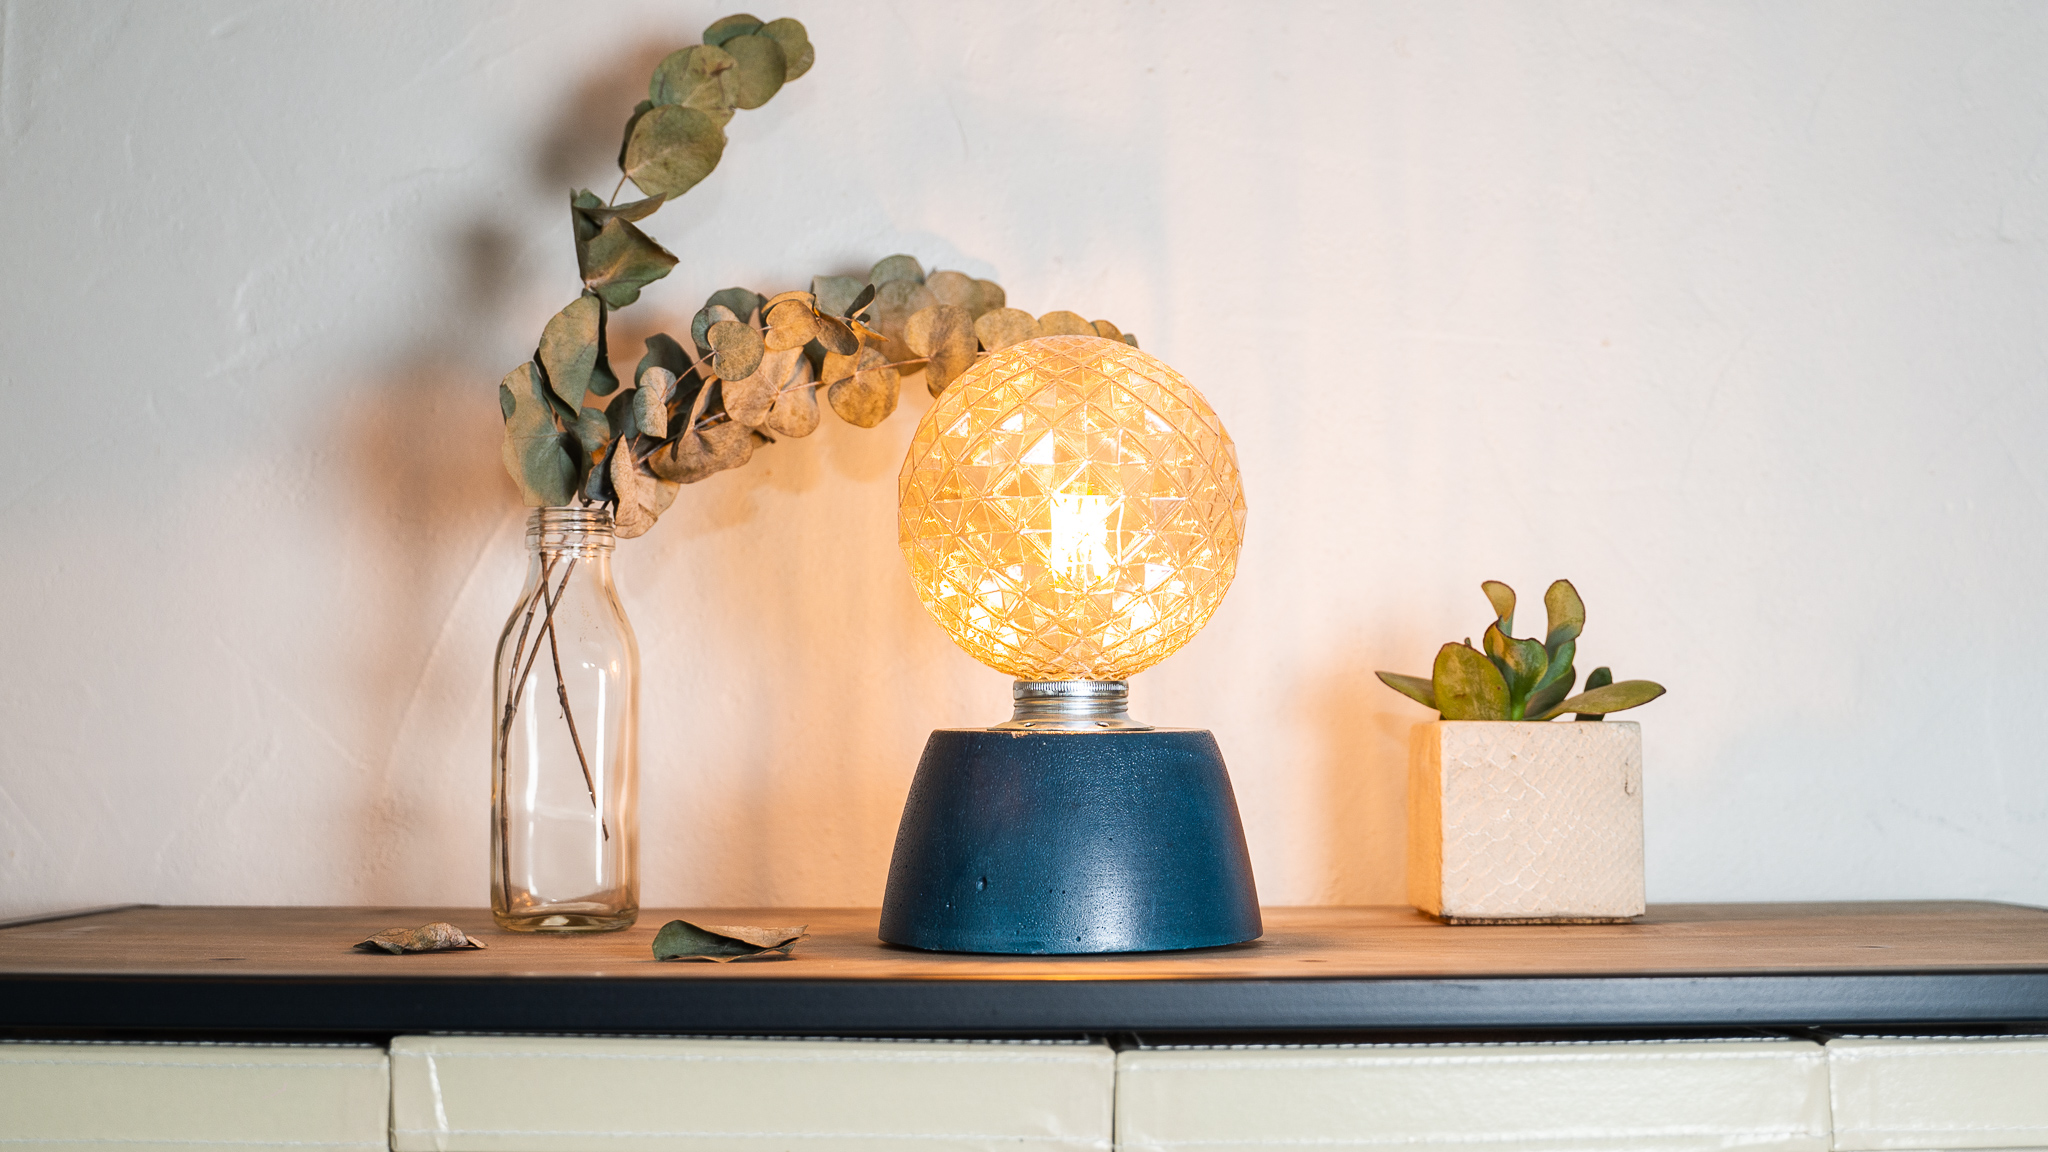 Lampe dôme diamant béton bleu pétrole fabrication artisanale